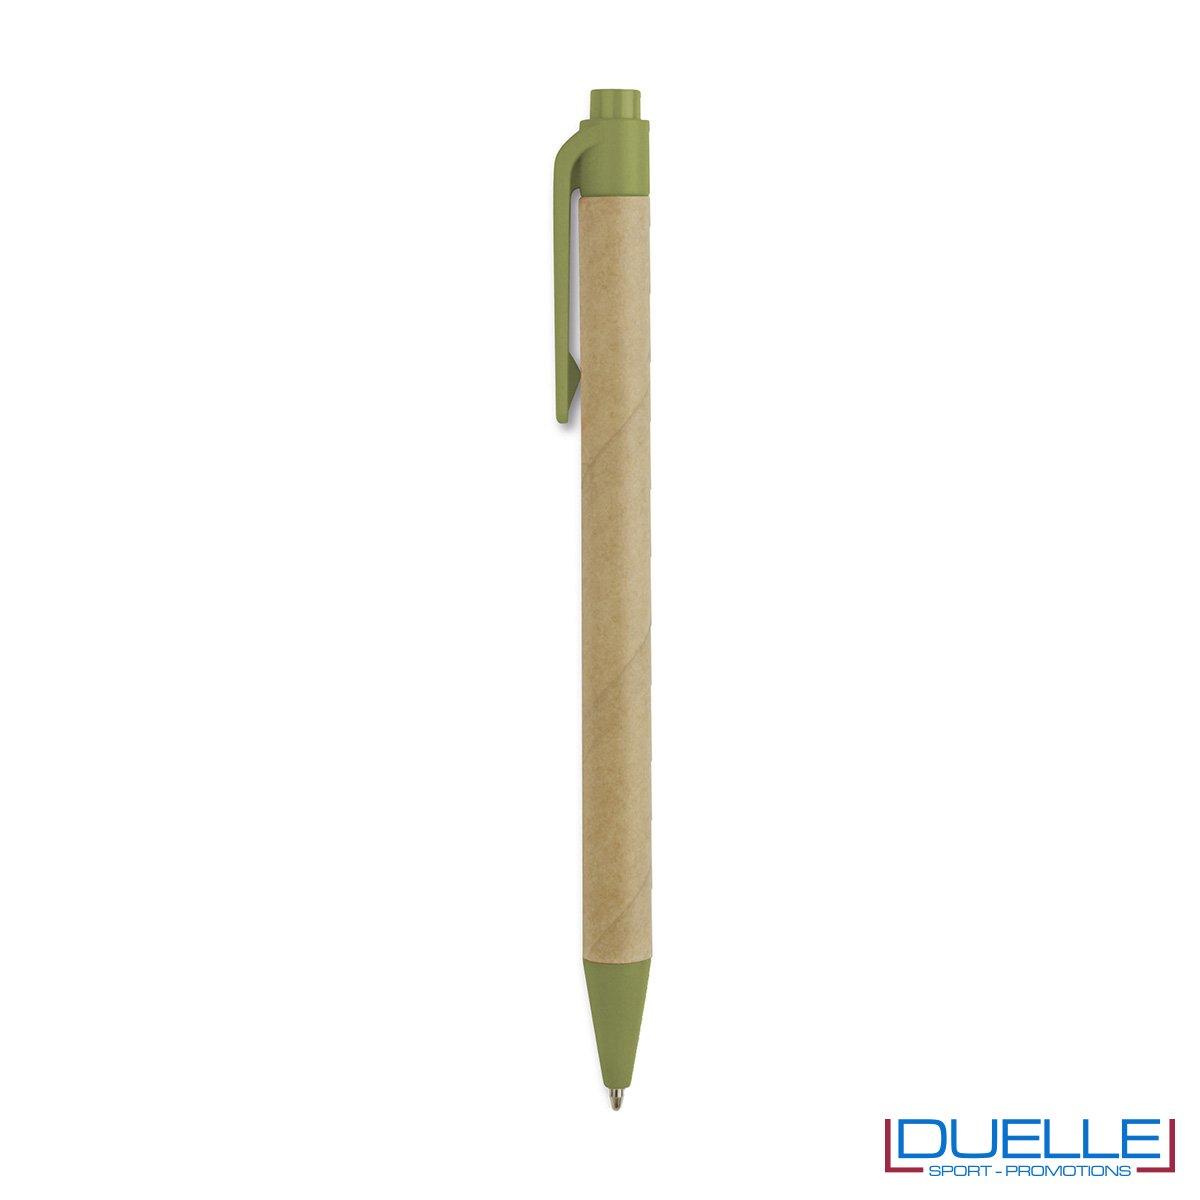 Penna a sfera in lpastica biodegradabile e cartone.